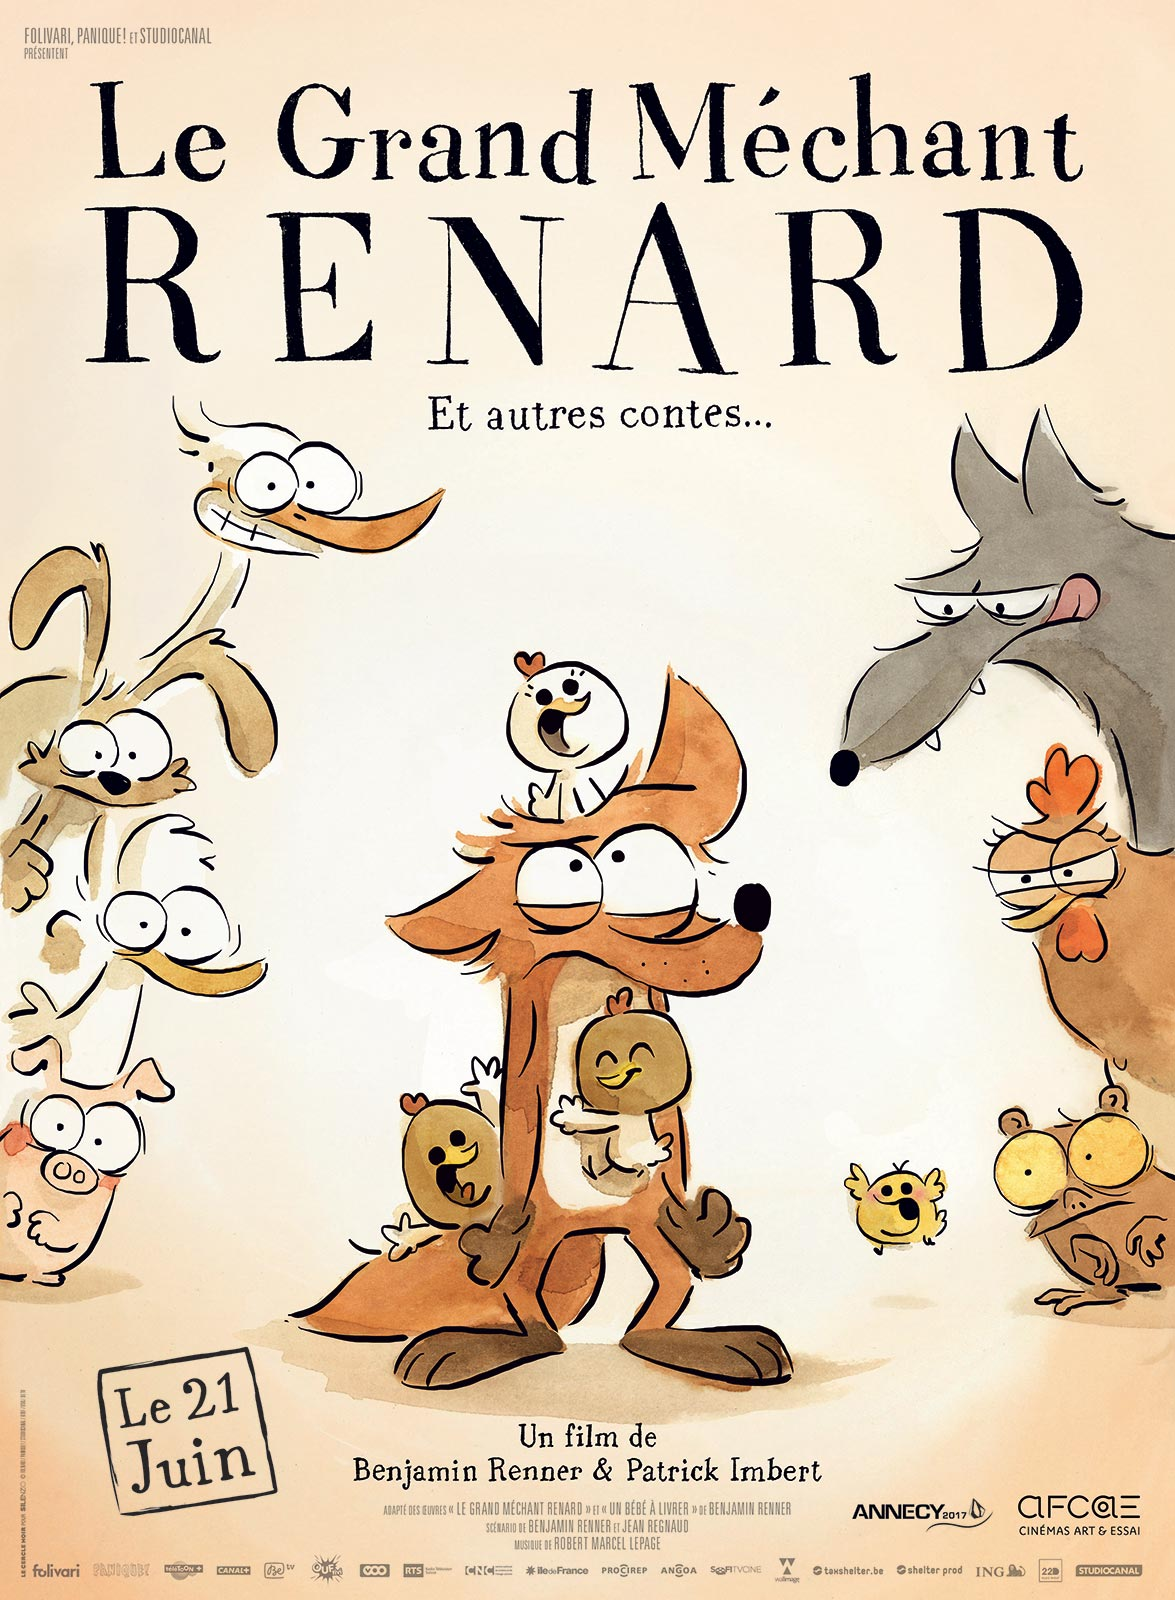 Le Grand Méchant Renard et autres contes